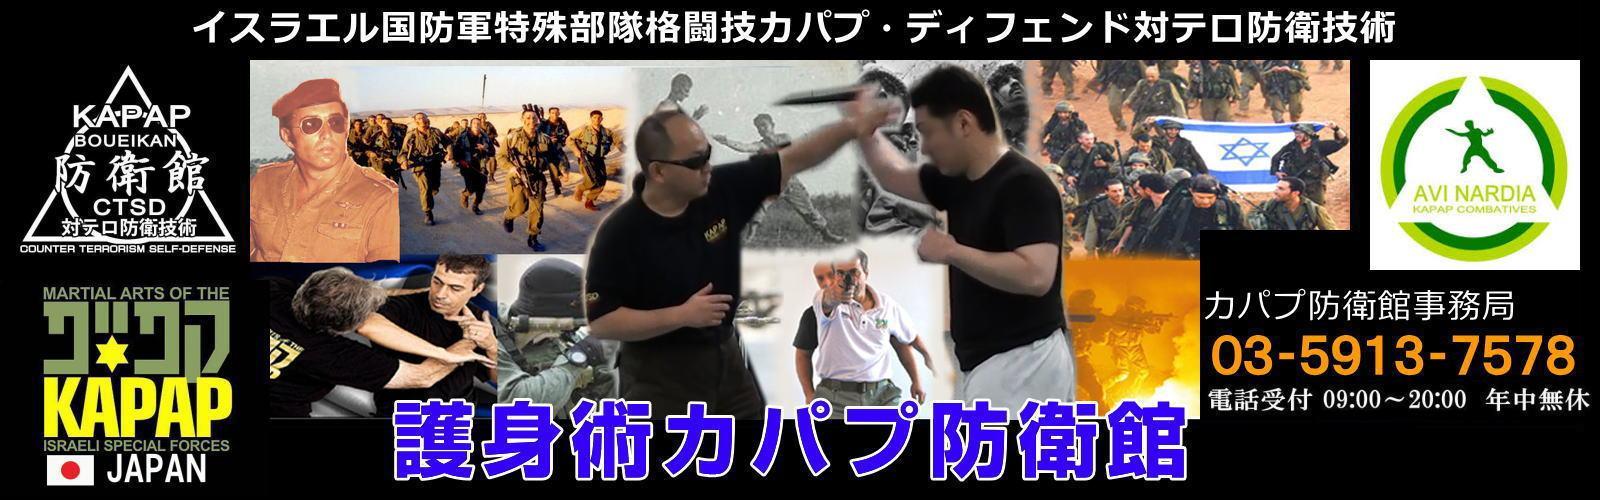 東京の護身術道場カパプ防衛館・カパプジャパン